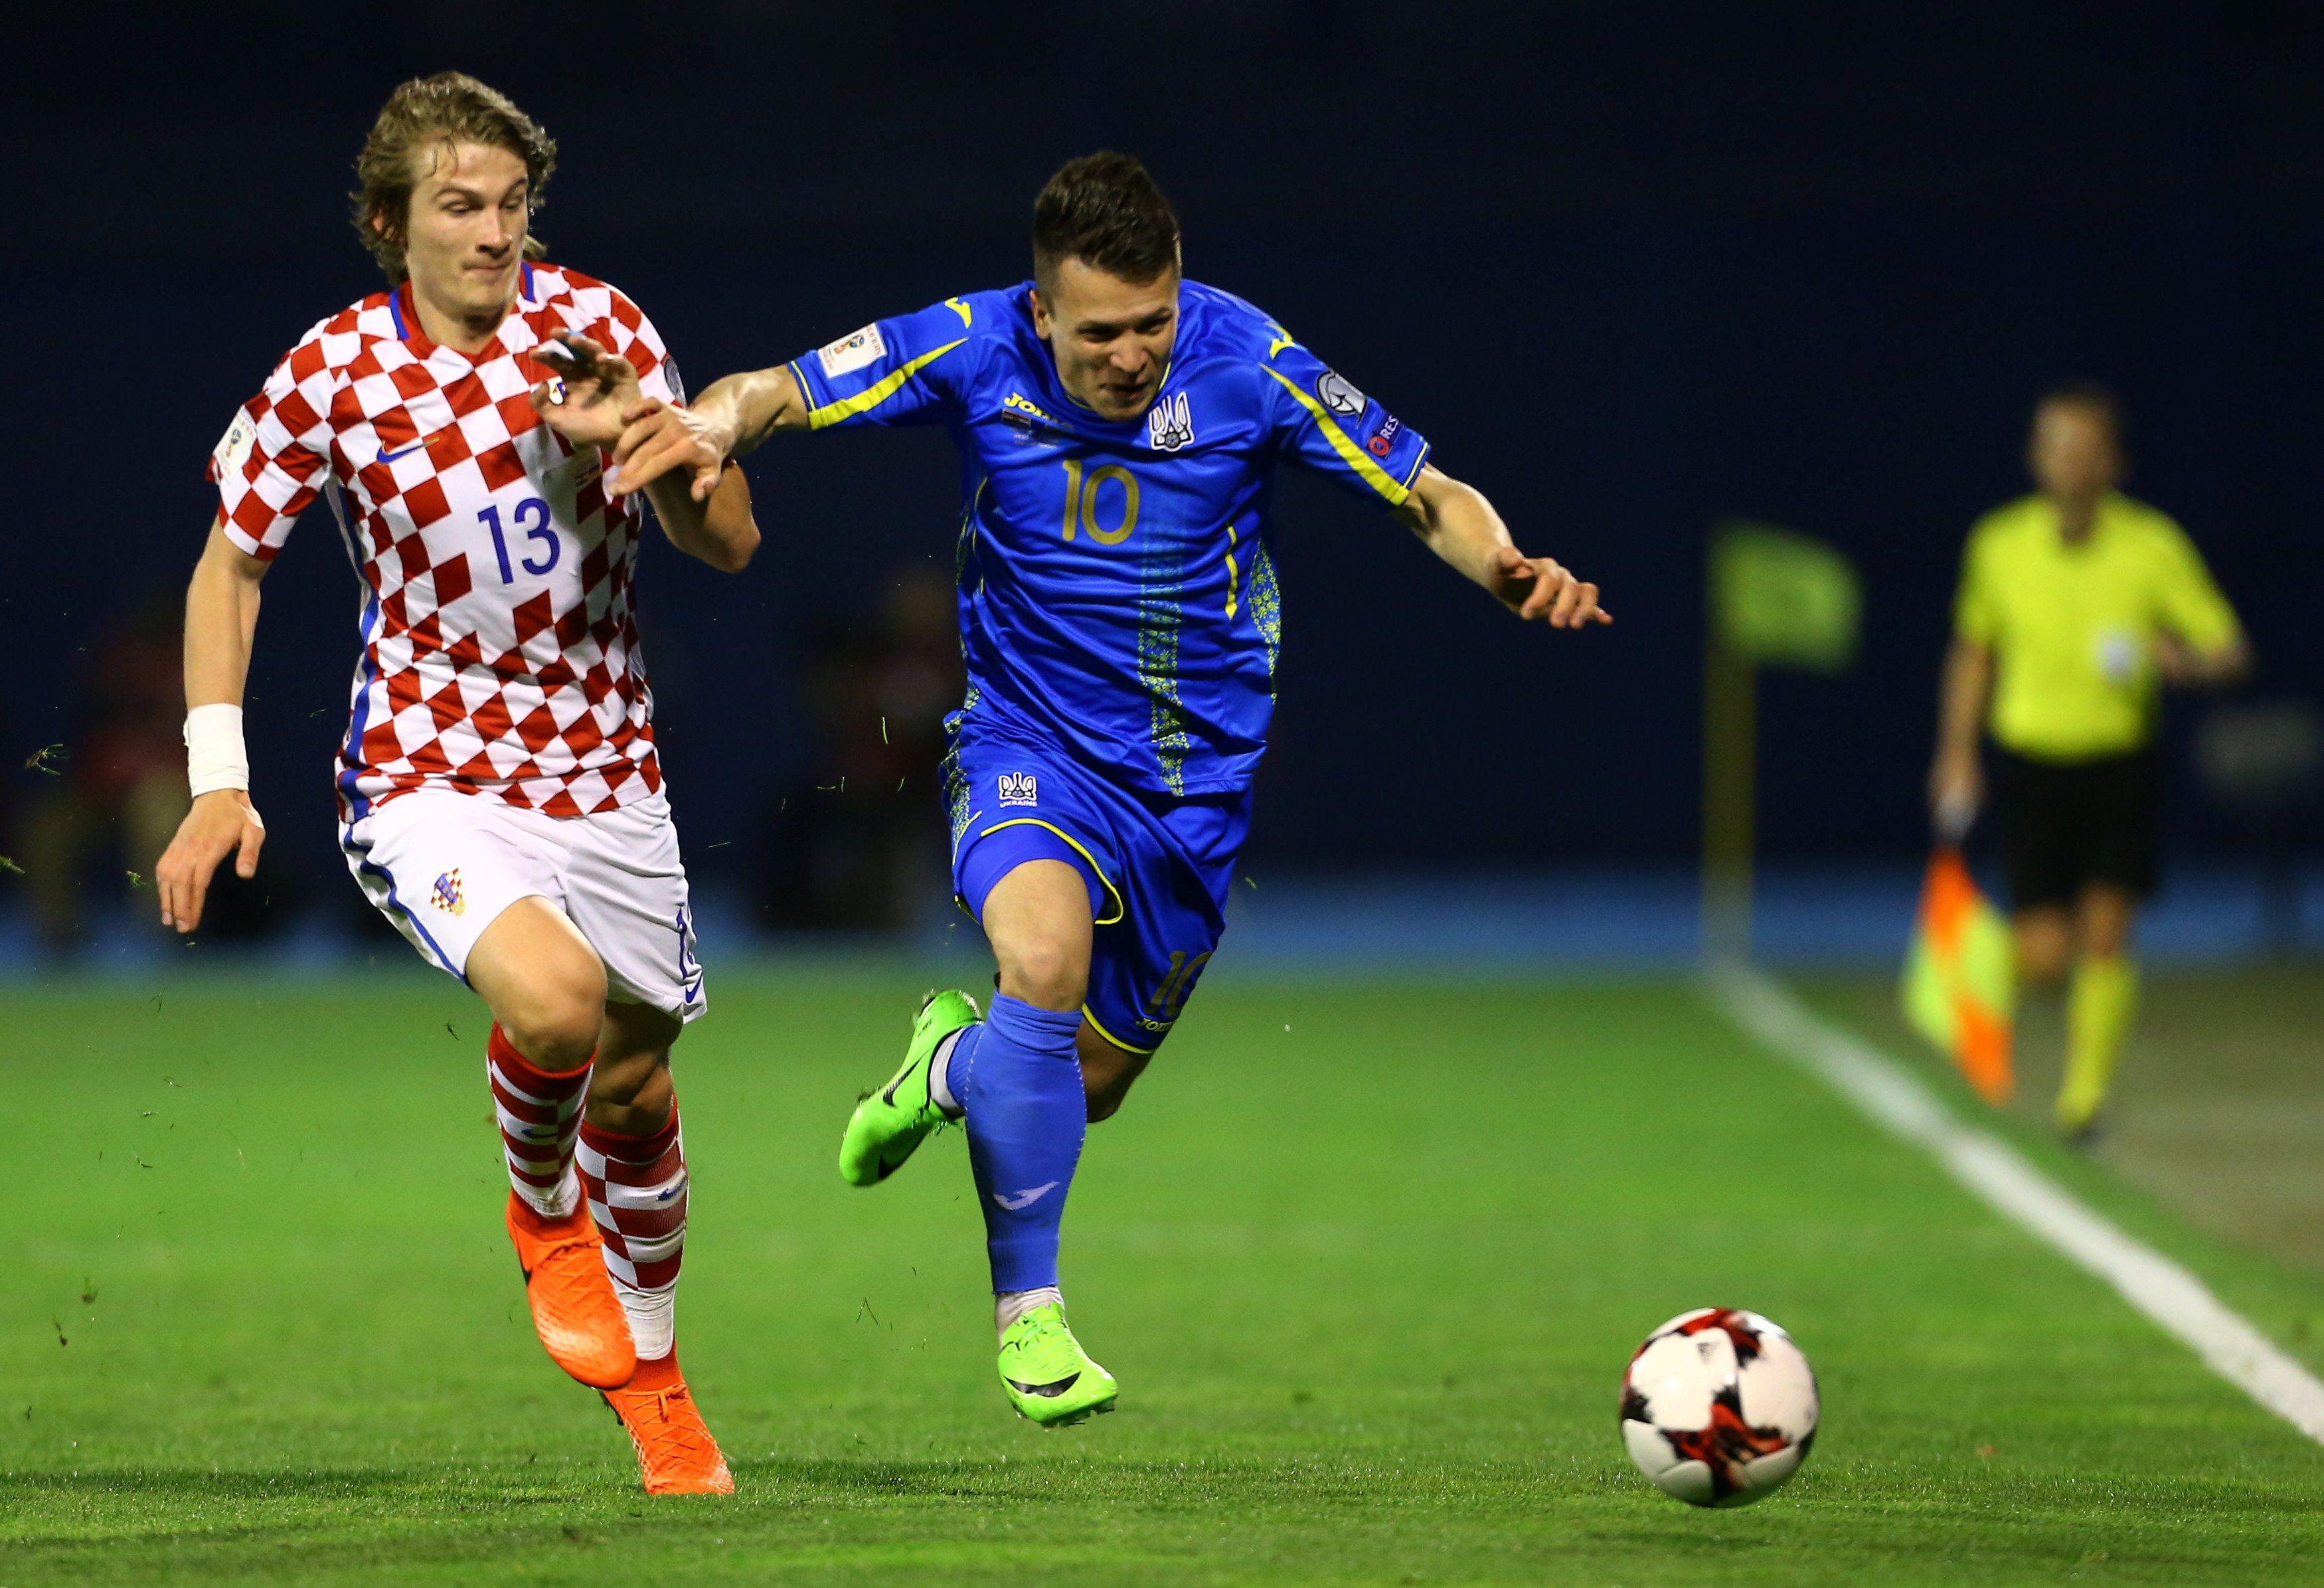 Матч Хорватия - Украины закончился победой балканцев - 1:0